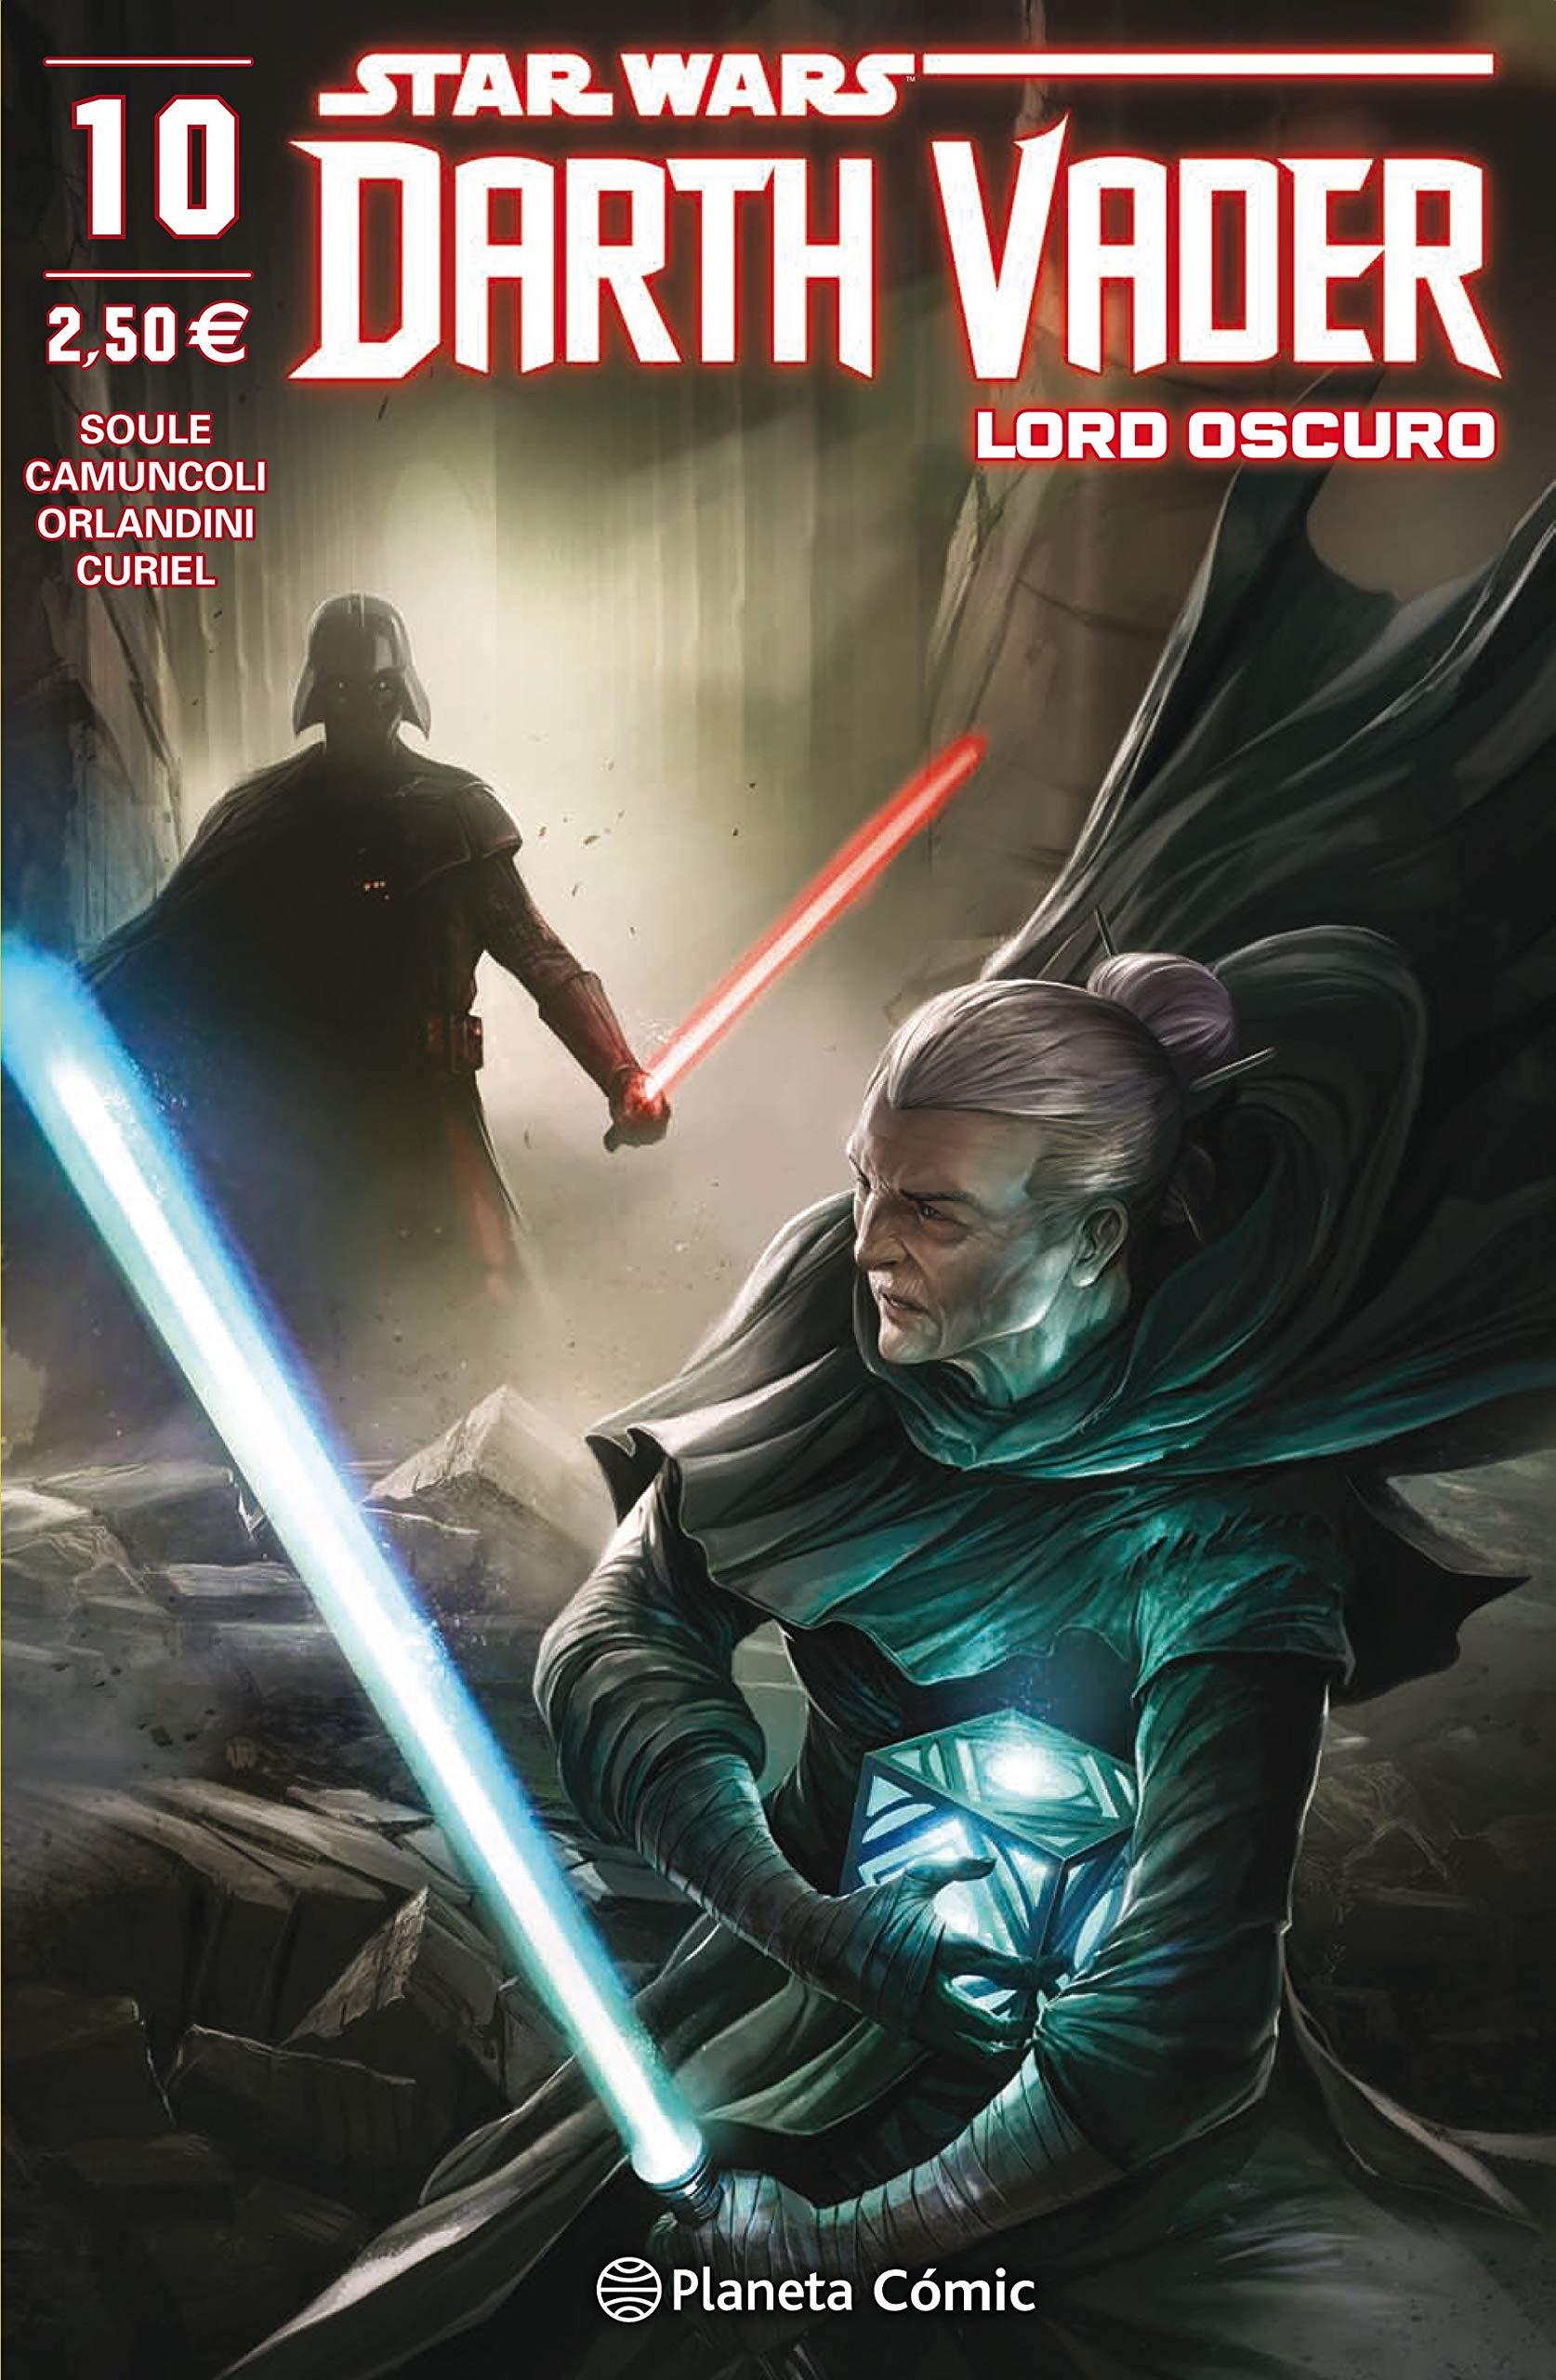 Star Wars Darth Vader Lord Oscuro nº 10/25 (Star Wars